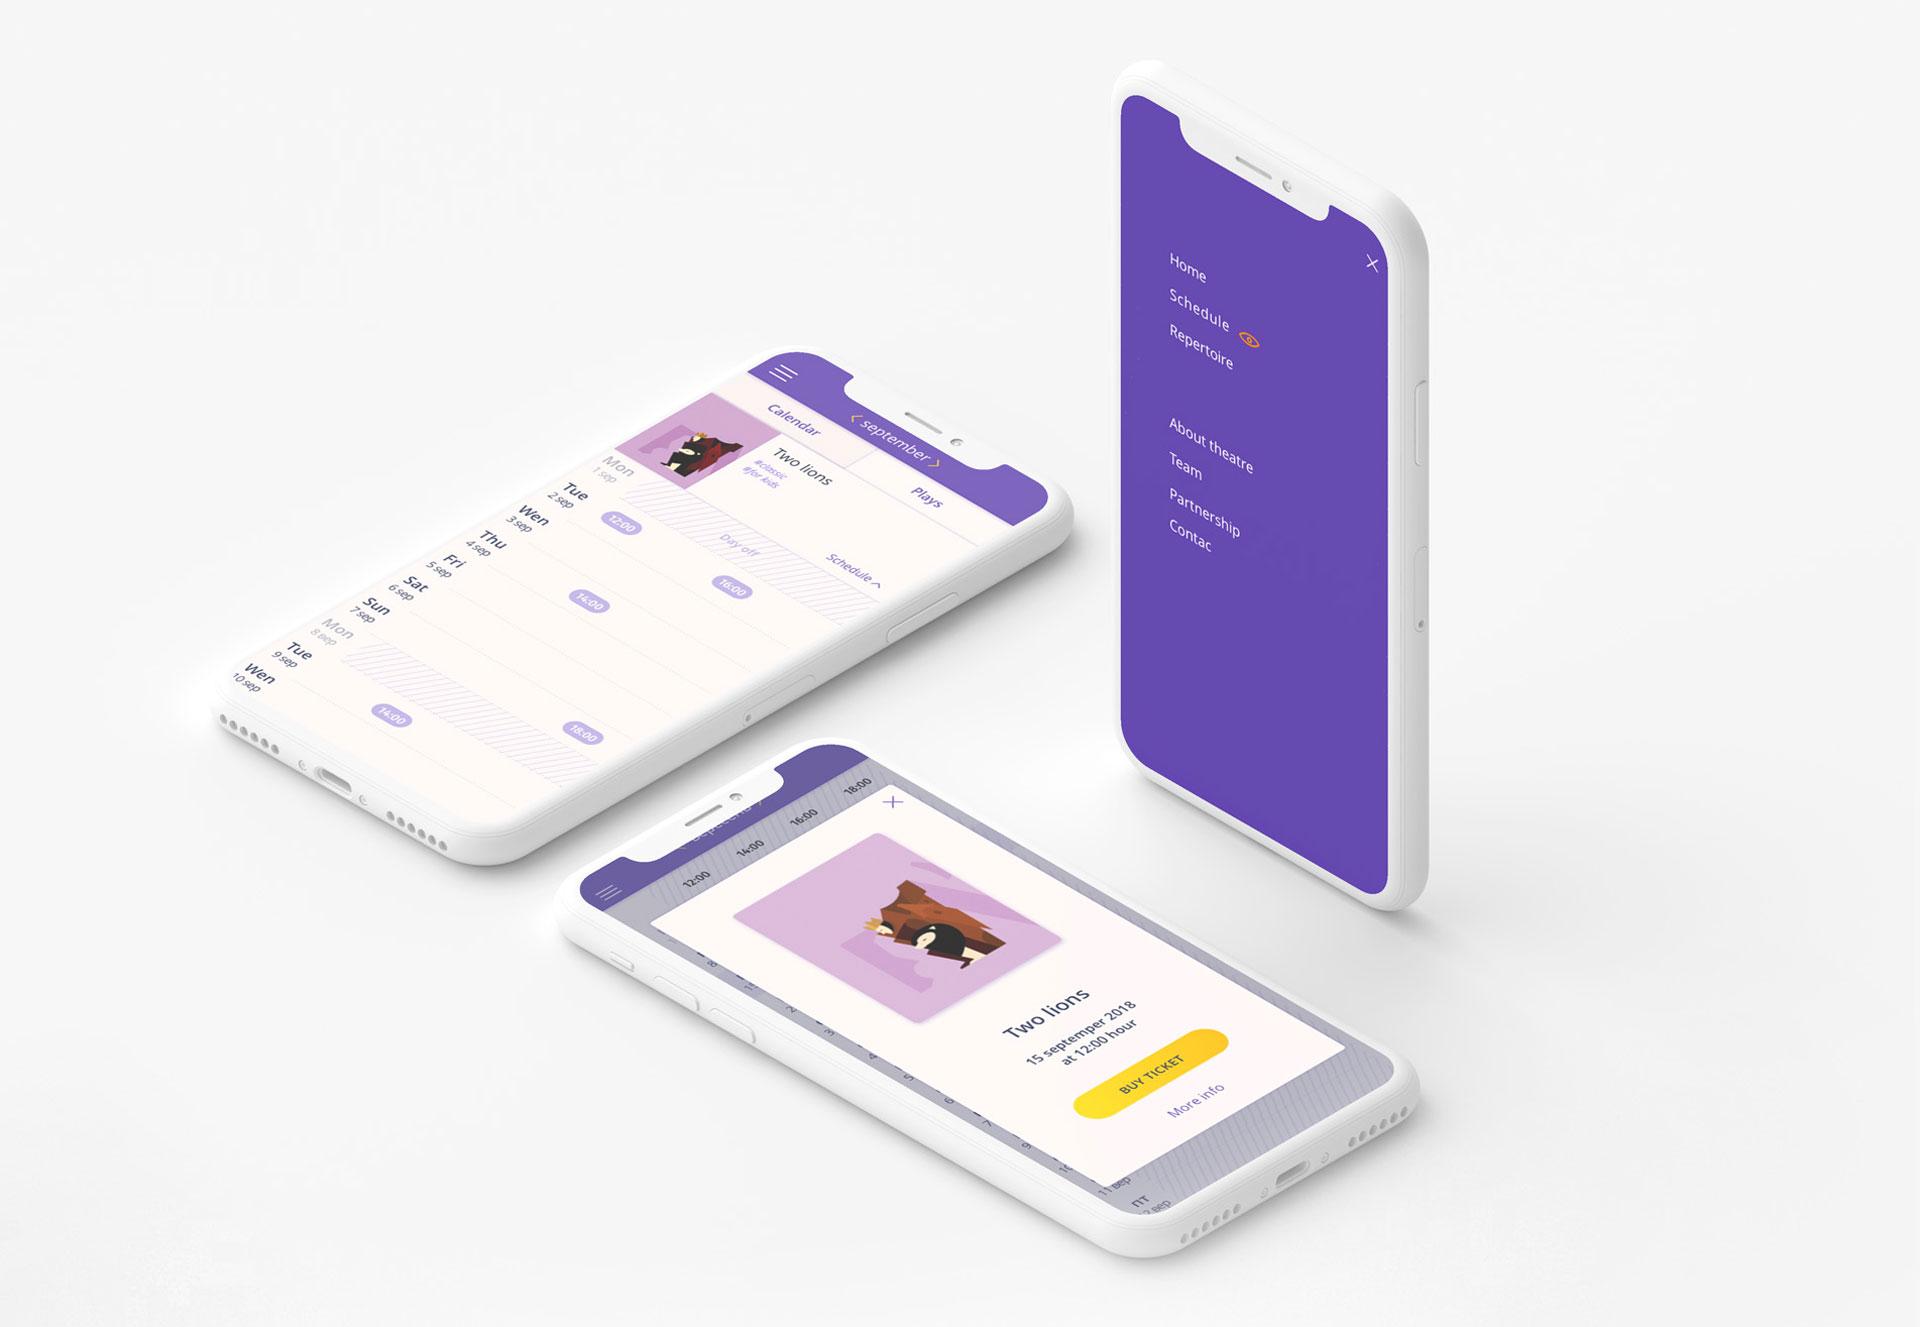 theatre app design